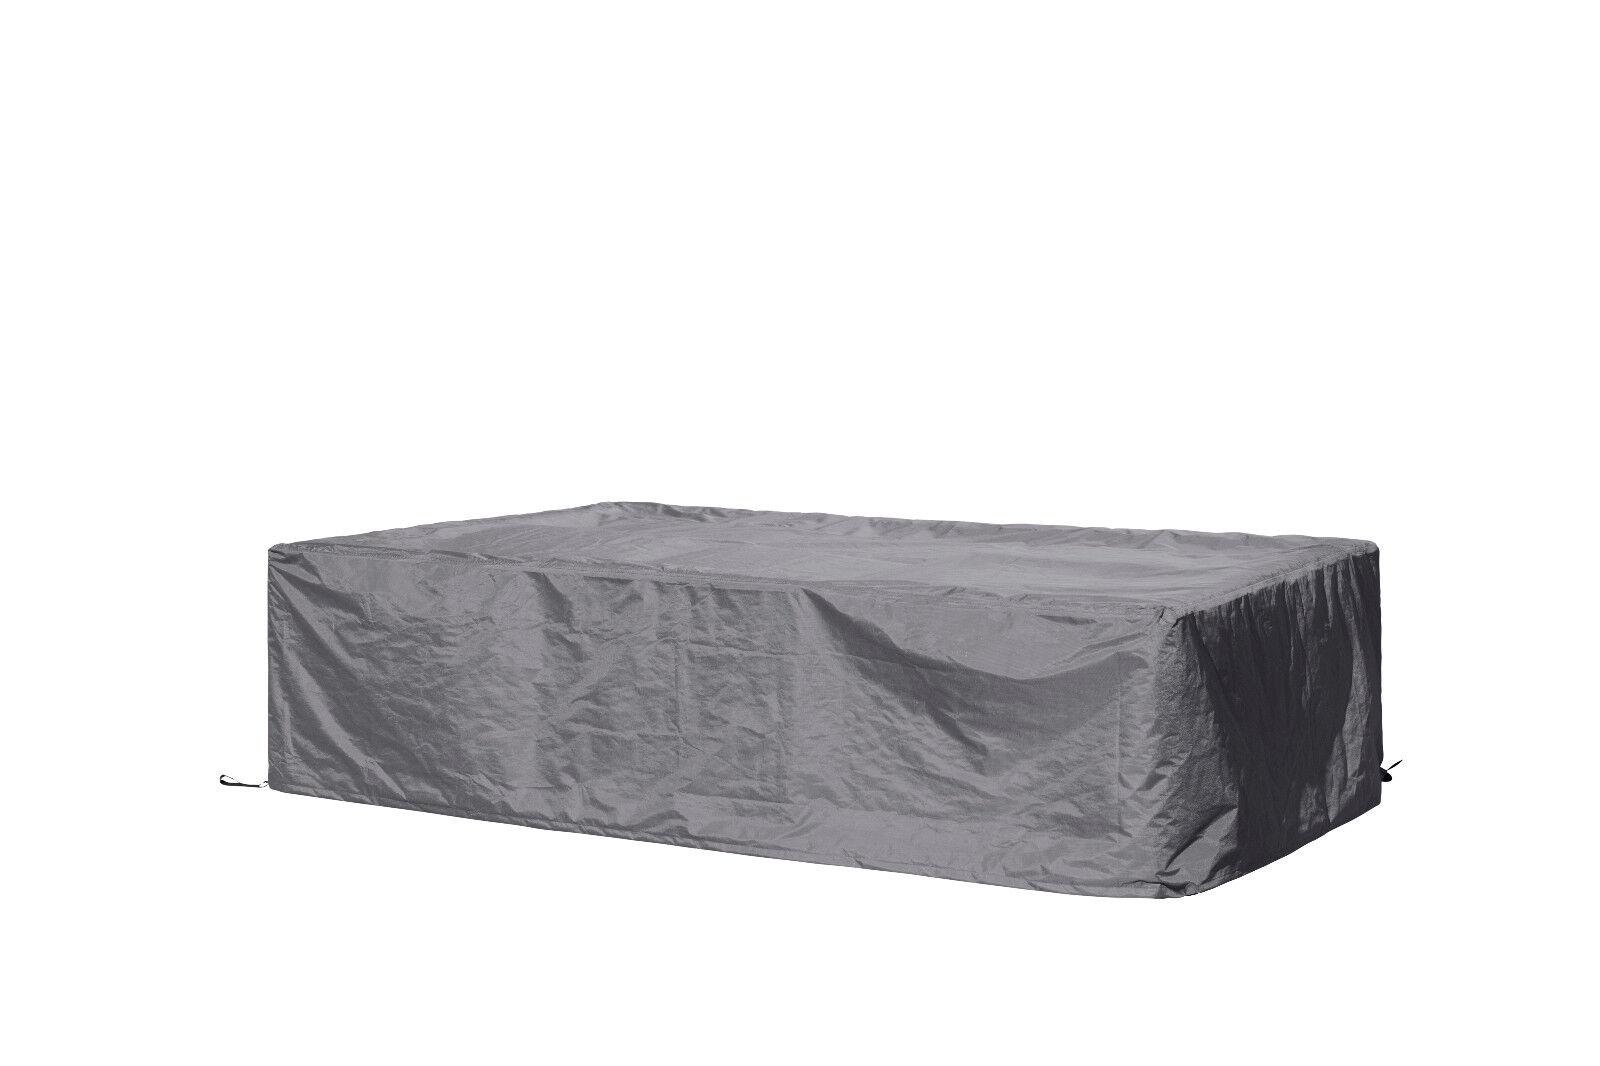 Premium Schutzhülle für Loungegruppen 260x260x95cm     | | | Erste Klasse in seiner Klasse  b1491f